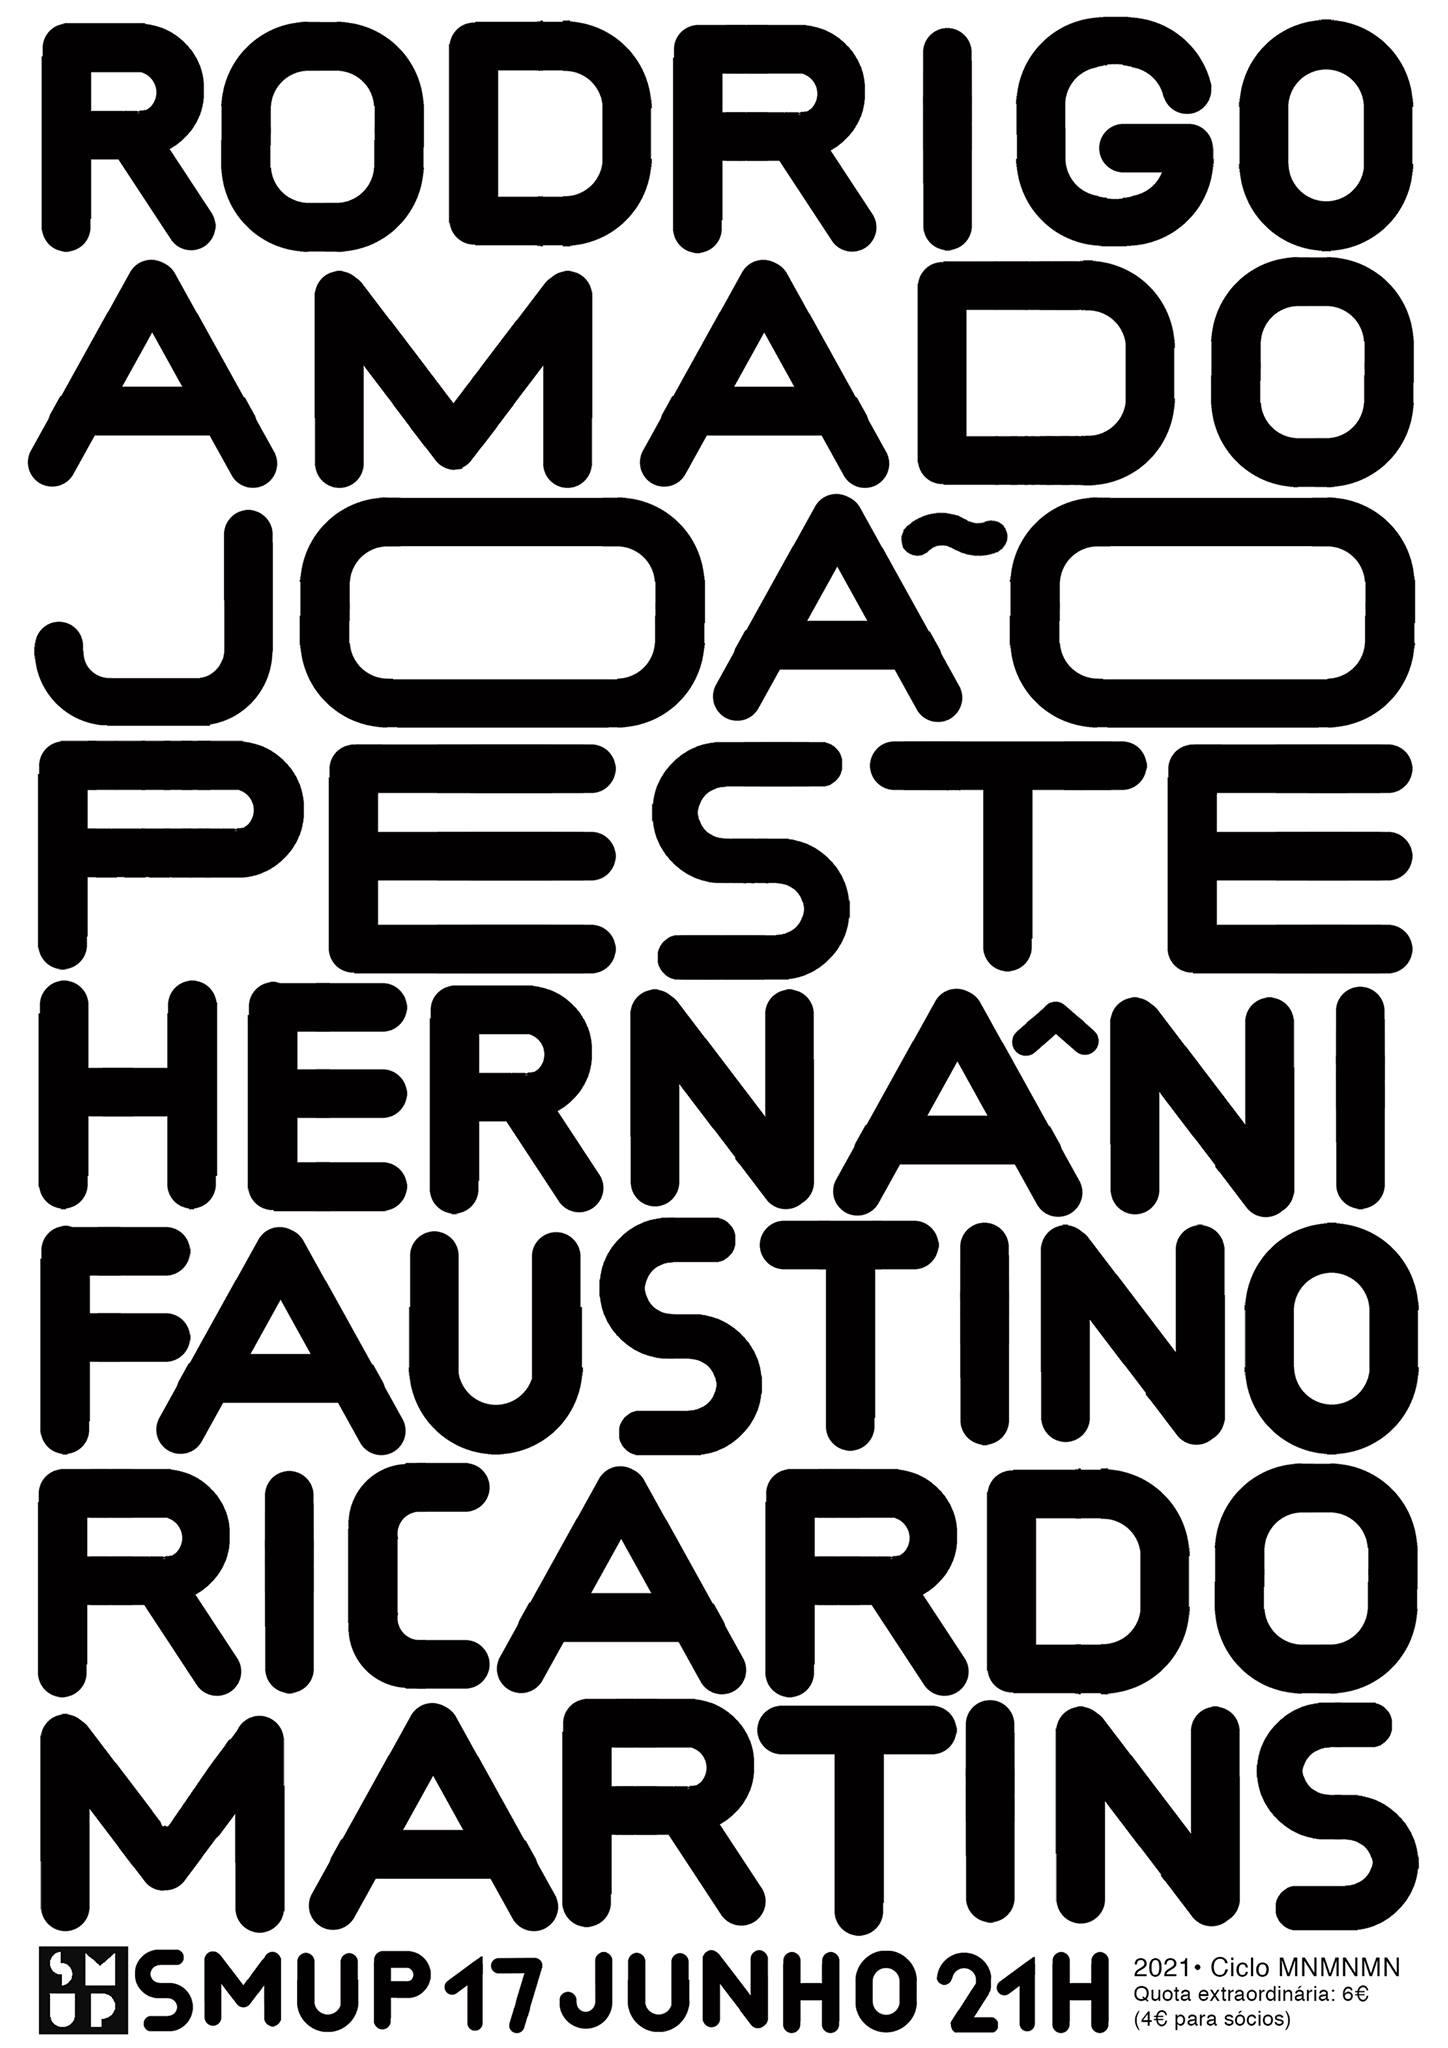 Amado, Peste, Faustino, Martins